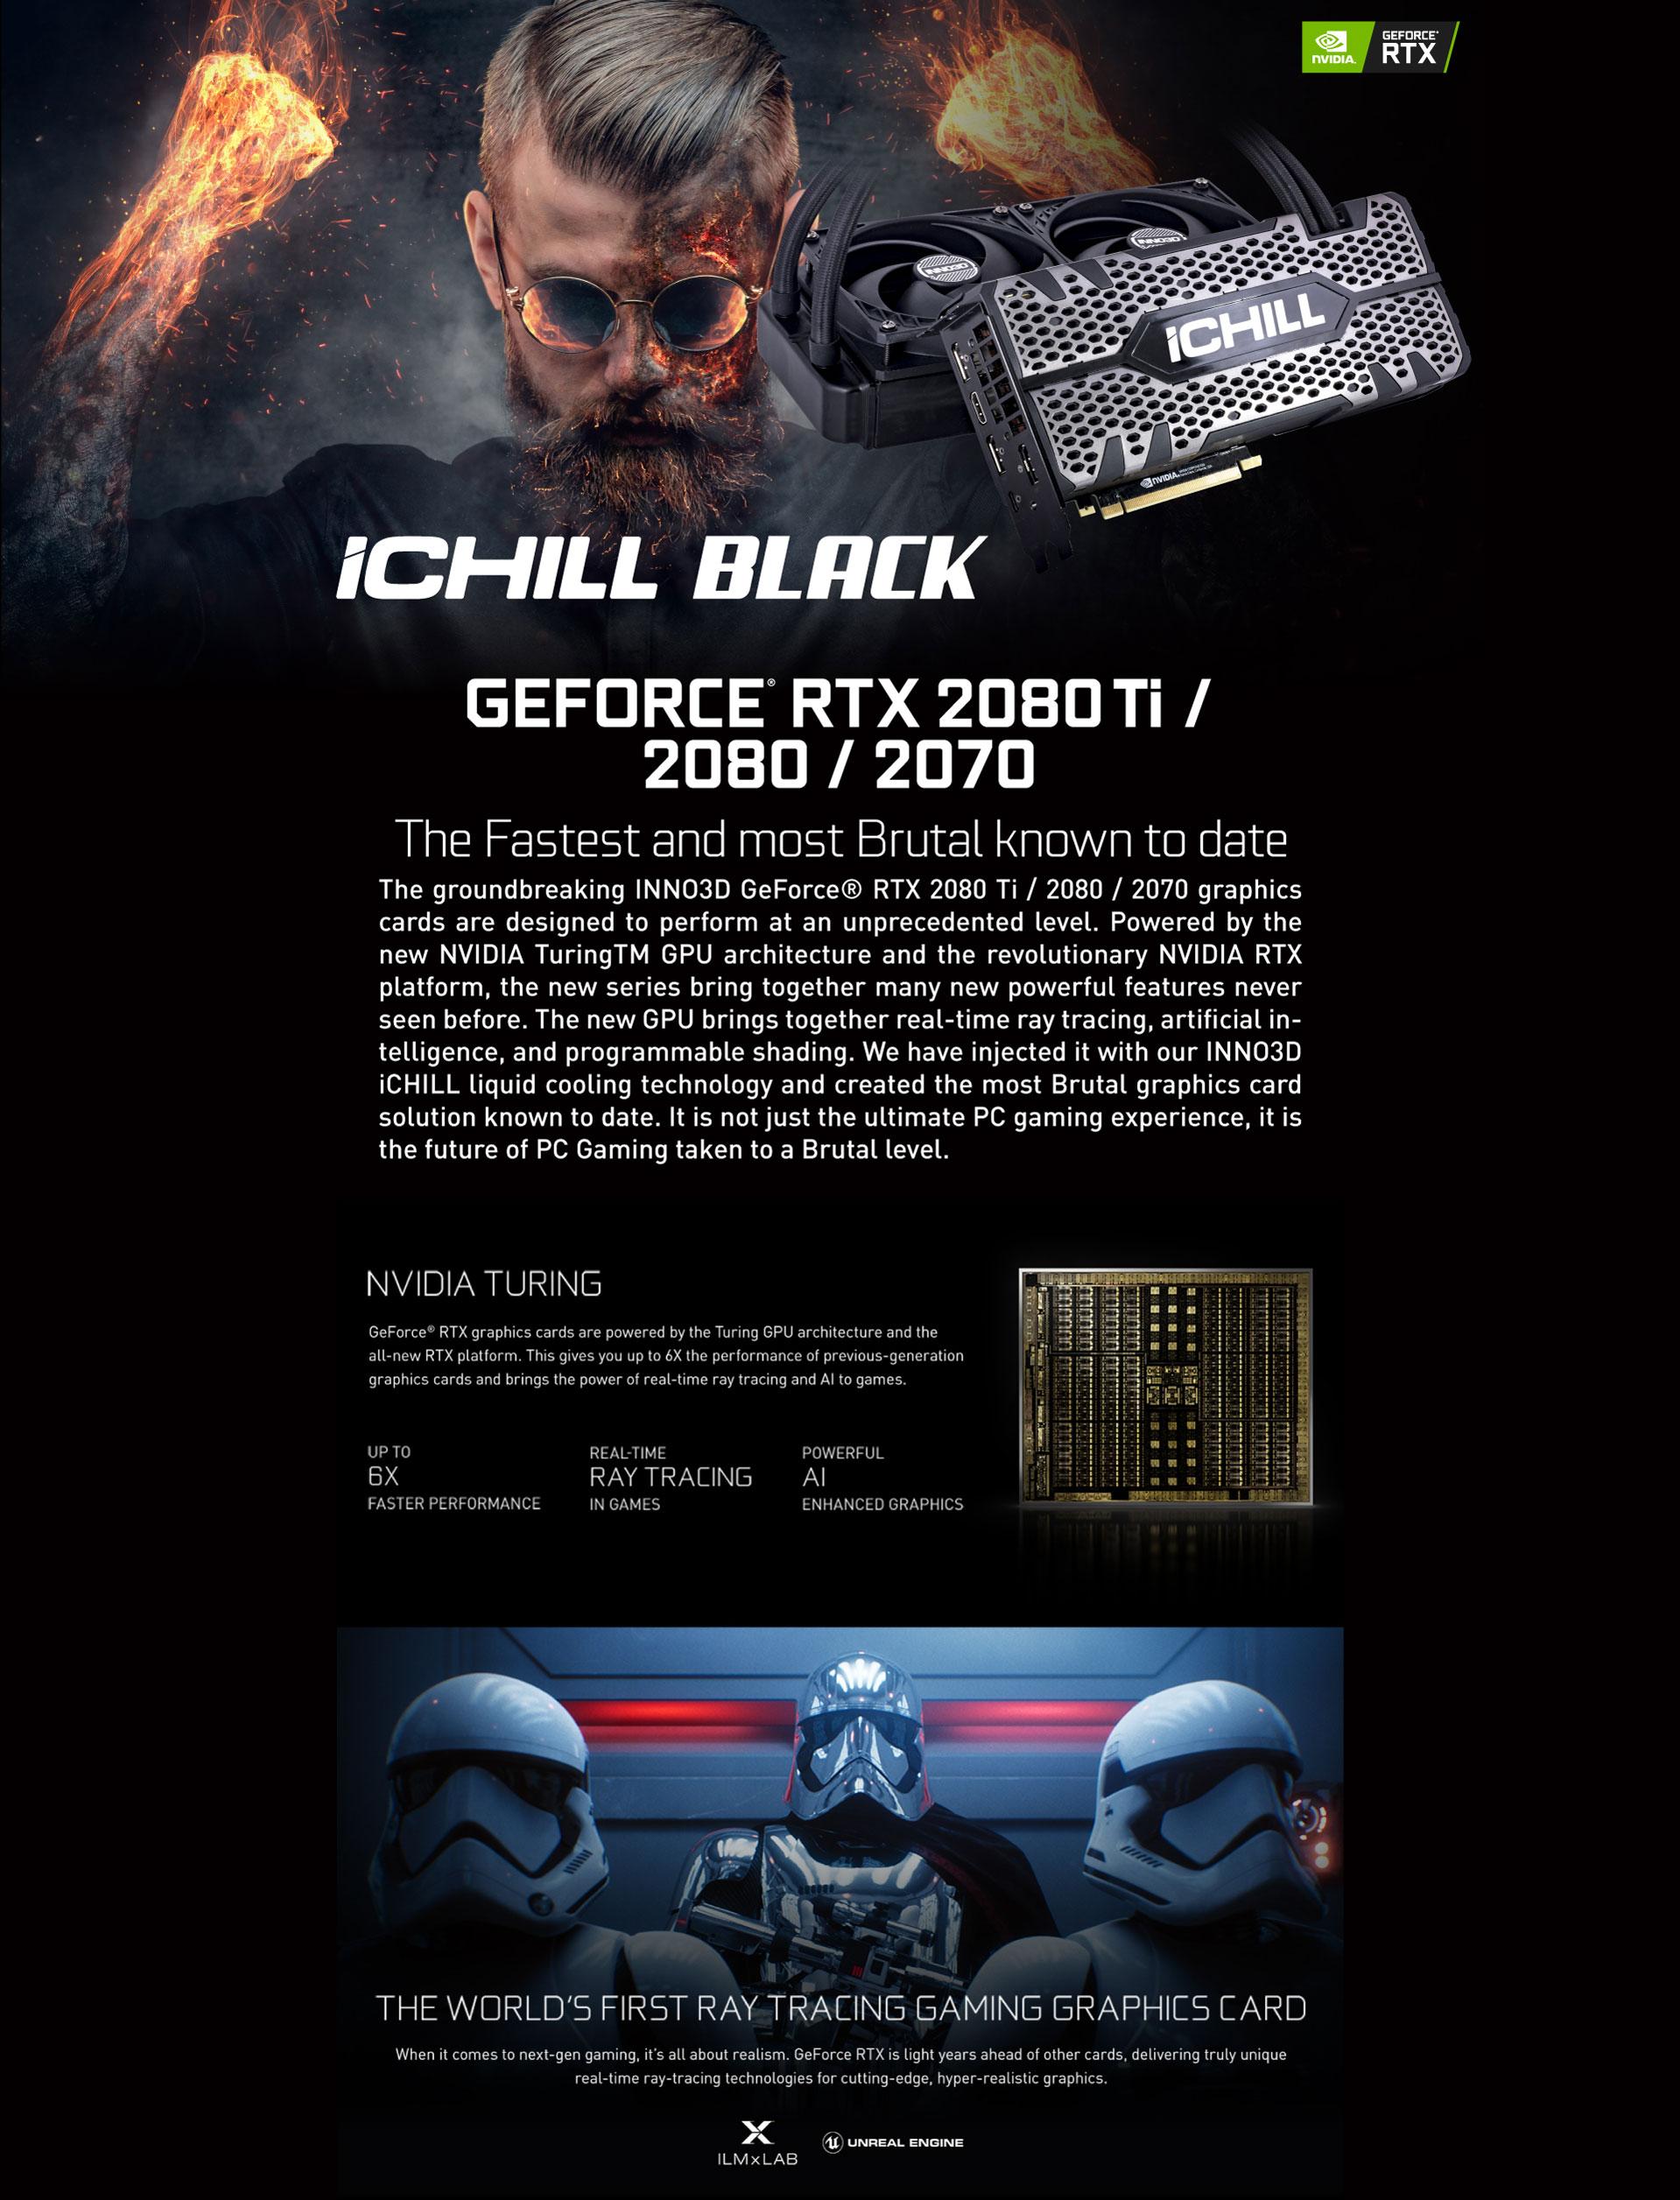 2070_2080_2080Ti_iCHILL_Black_1920w-01.jpg (624 KB)